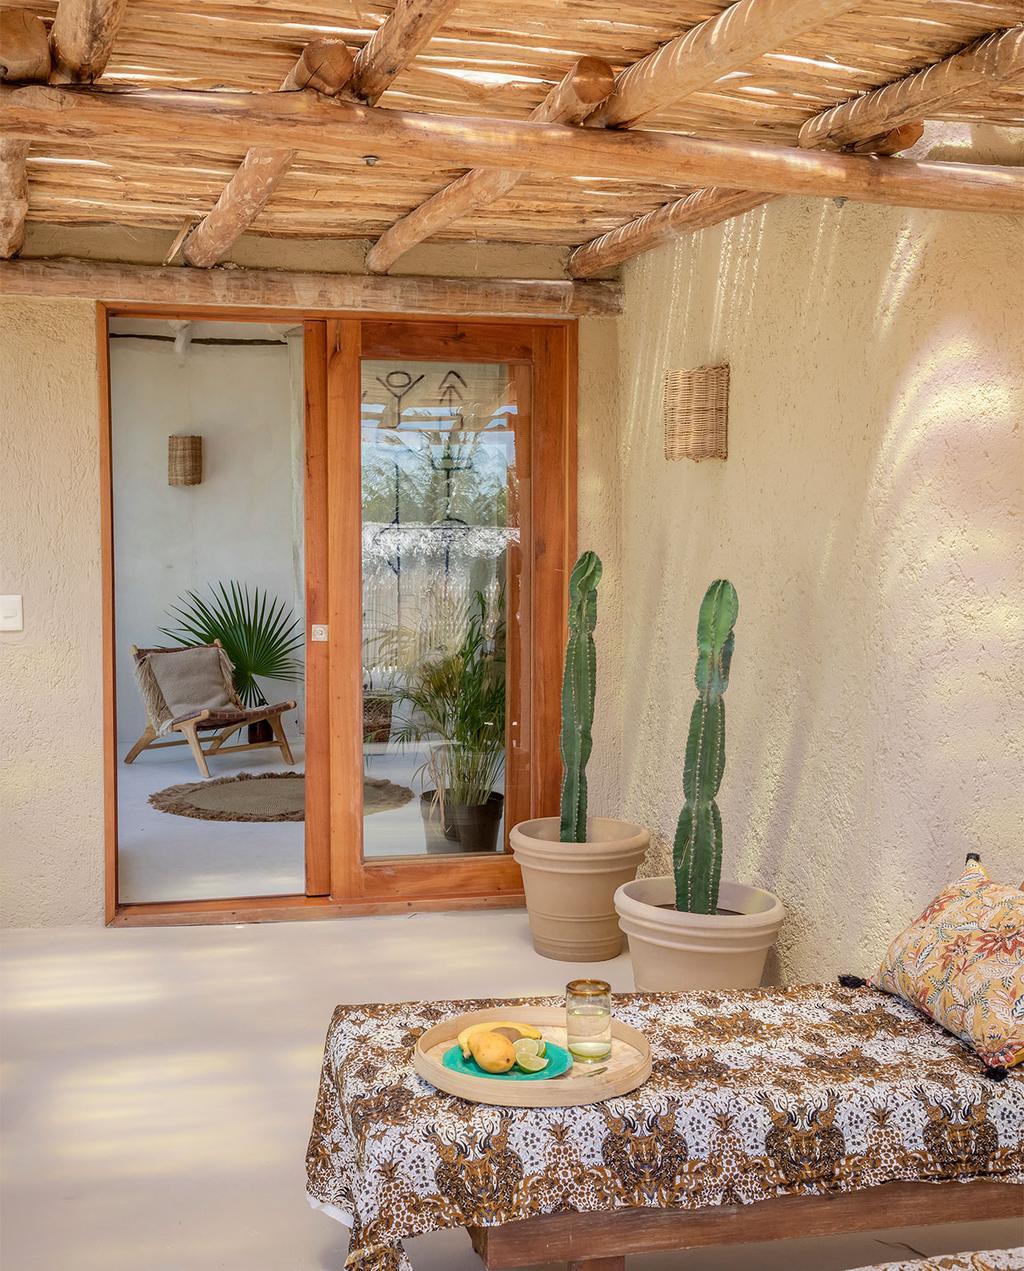 vtwonen casas especiais de verão 07-2021 |  sofá-cama na varanda